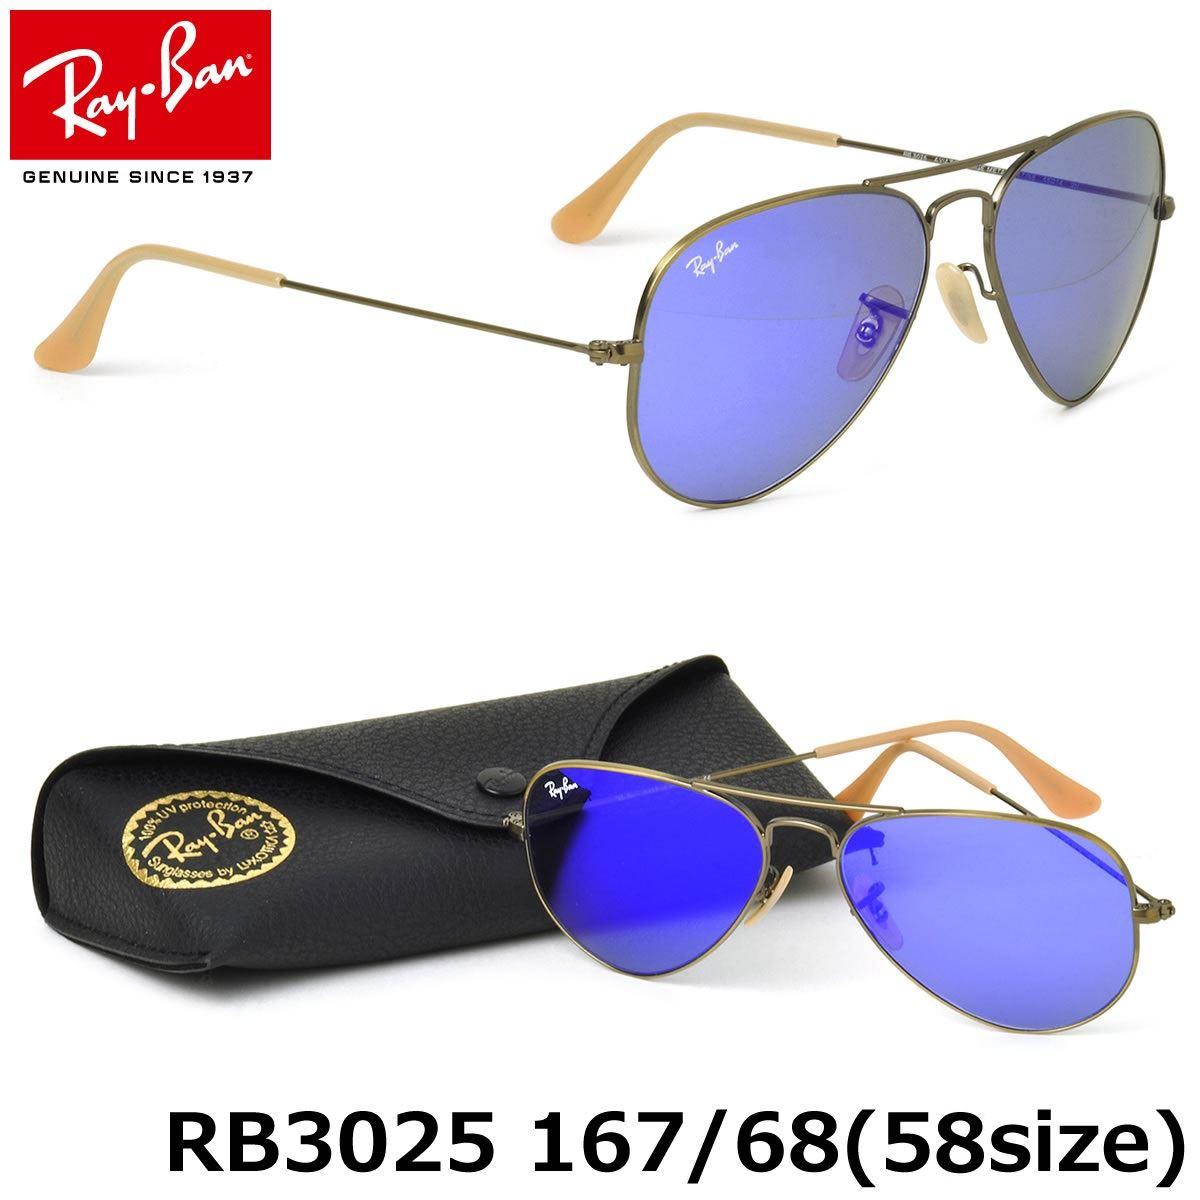 5112d7878d ... sweden lentes de sol ray ban aviador rb3025 167 68 violeta espejado  talla 58mm juntoz 9b5d8